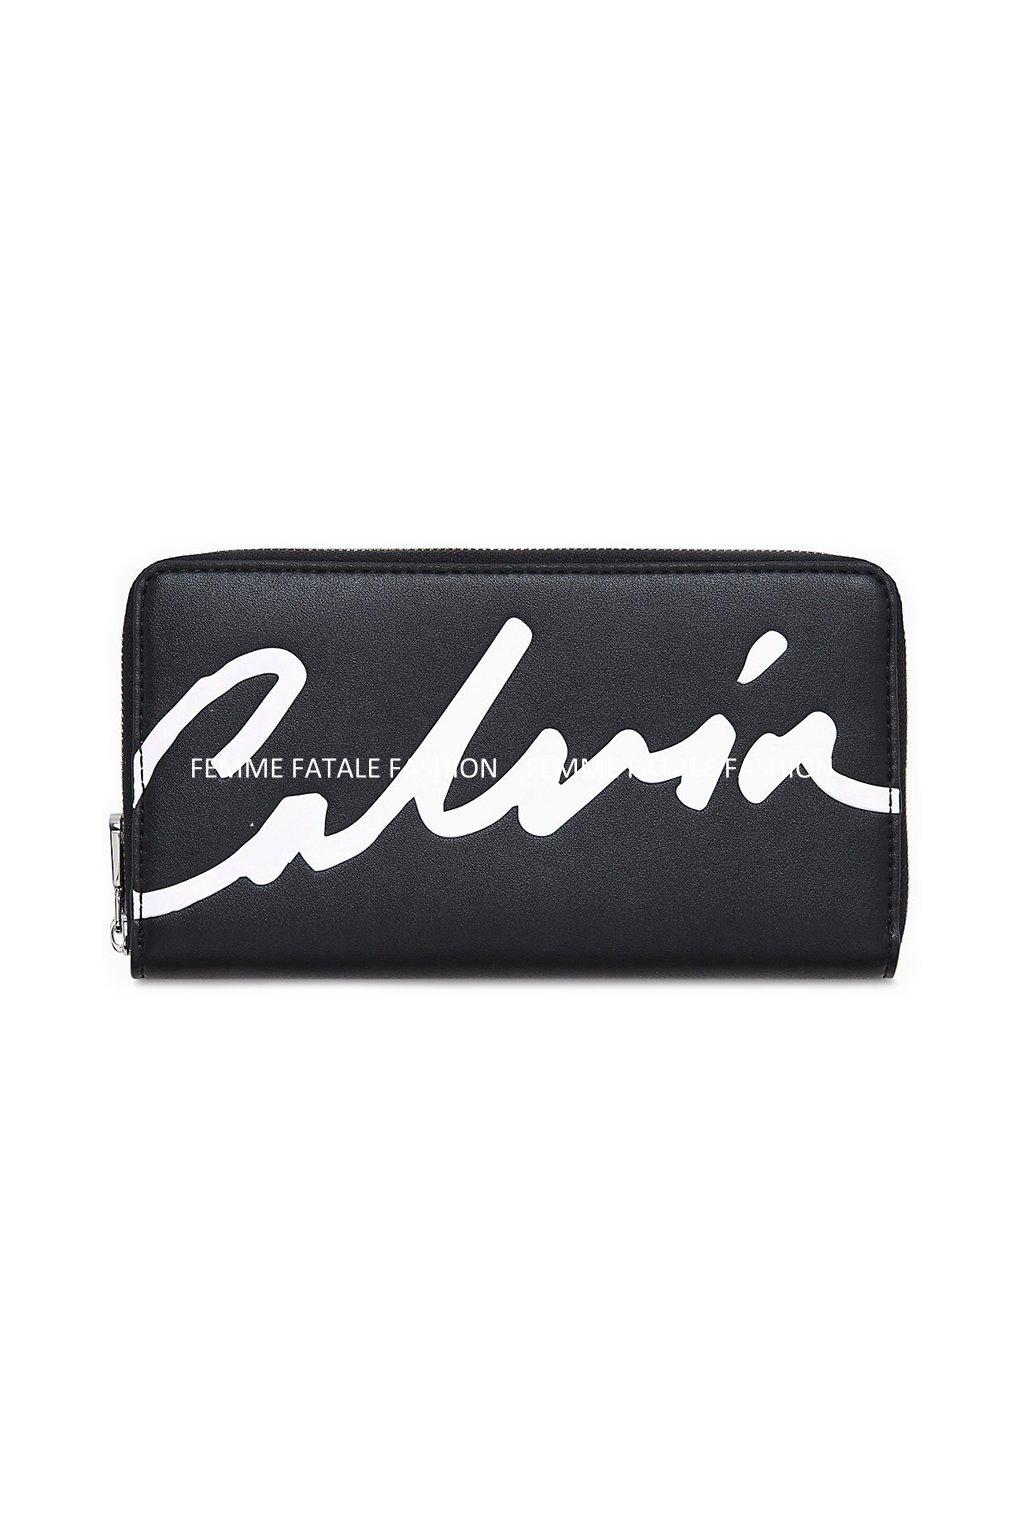 Dámská peněženka Calvin Klein Jeans CKJ Sculpted Zip Around Black